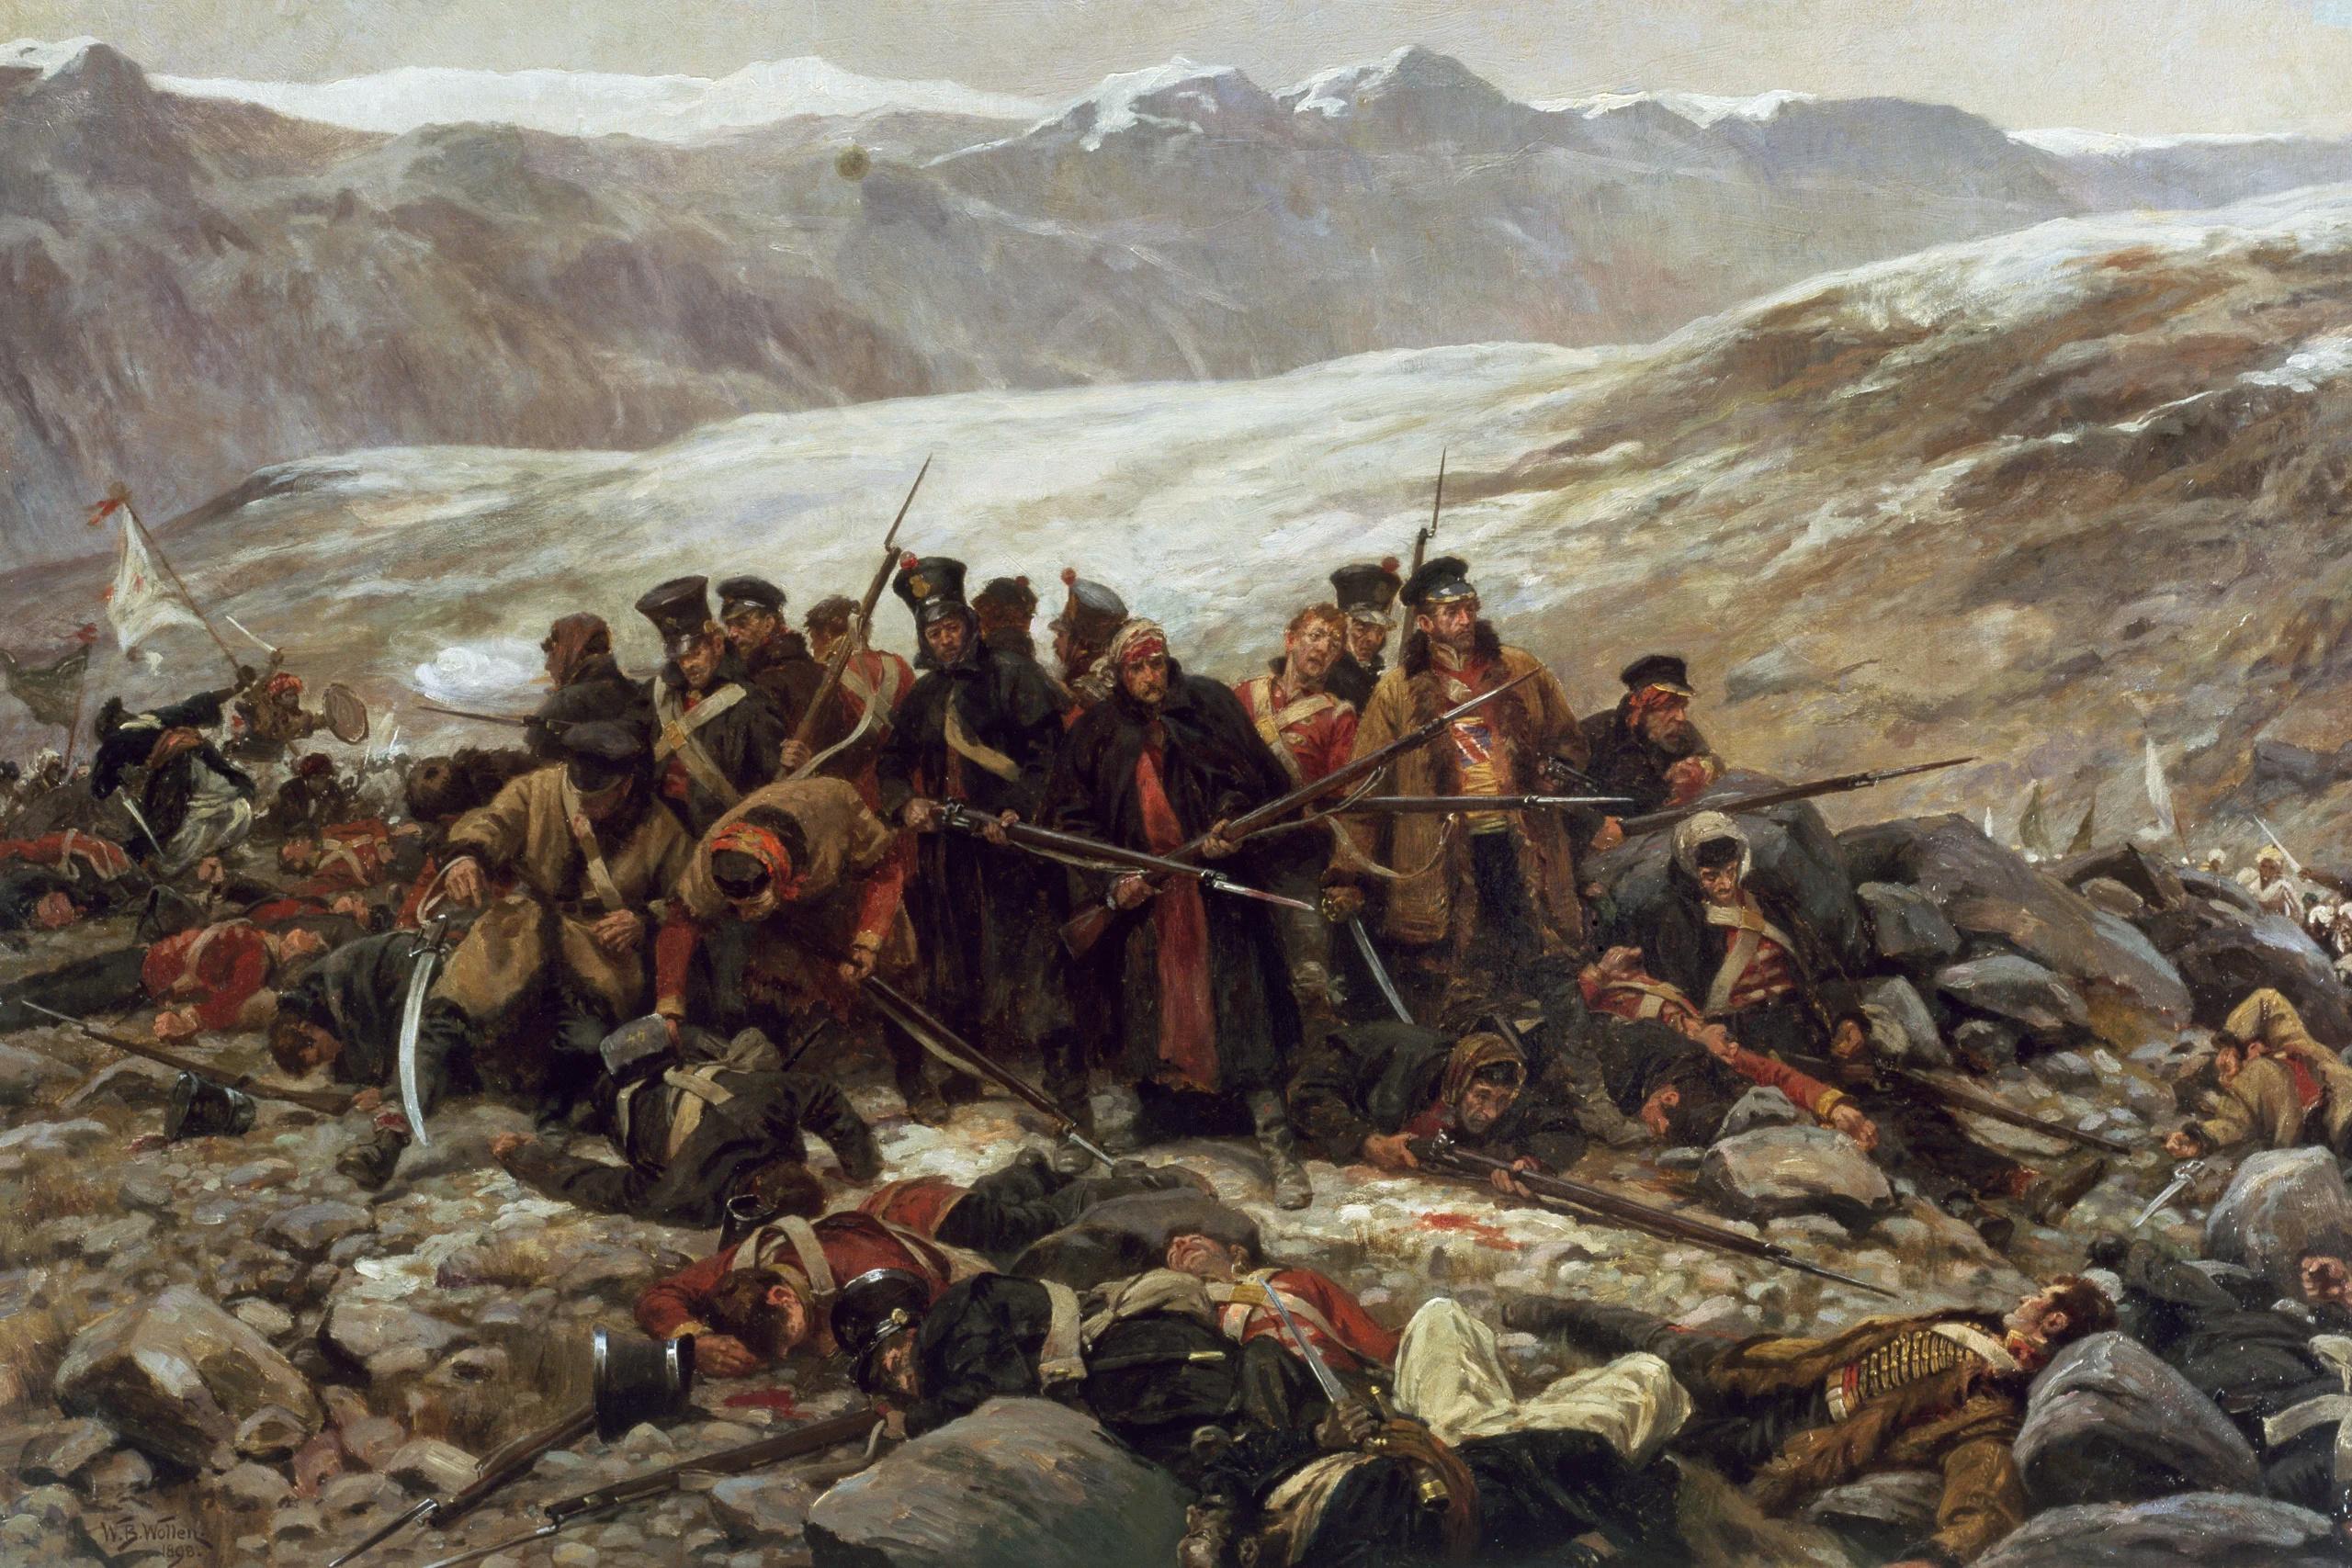 Schlacht von Gandamak – Wikipedia